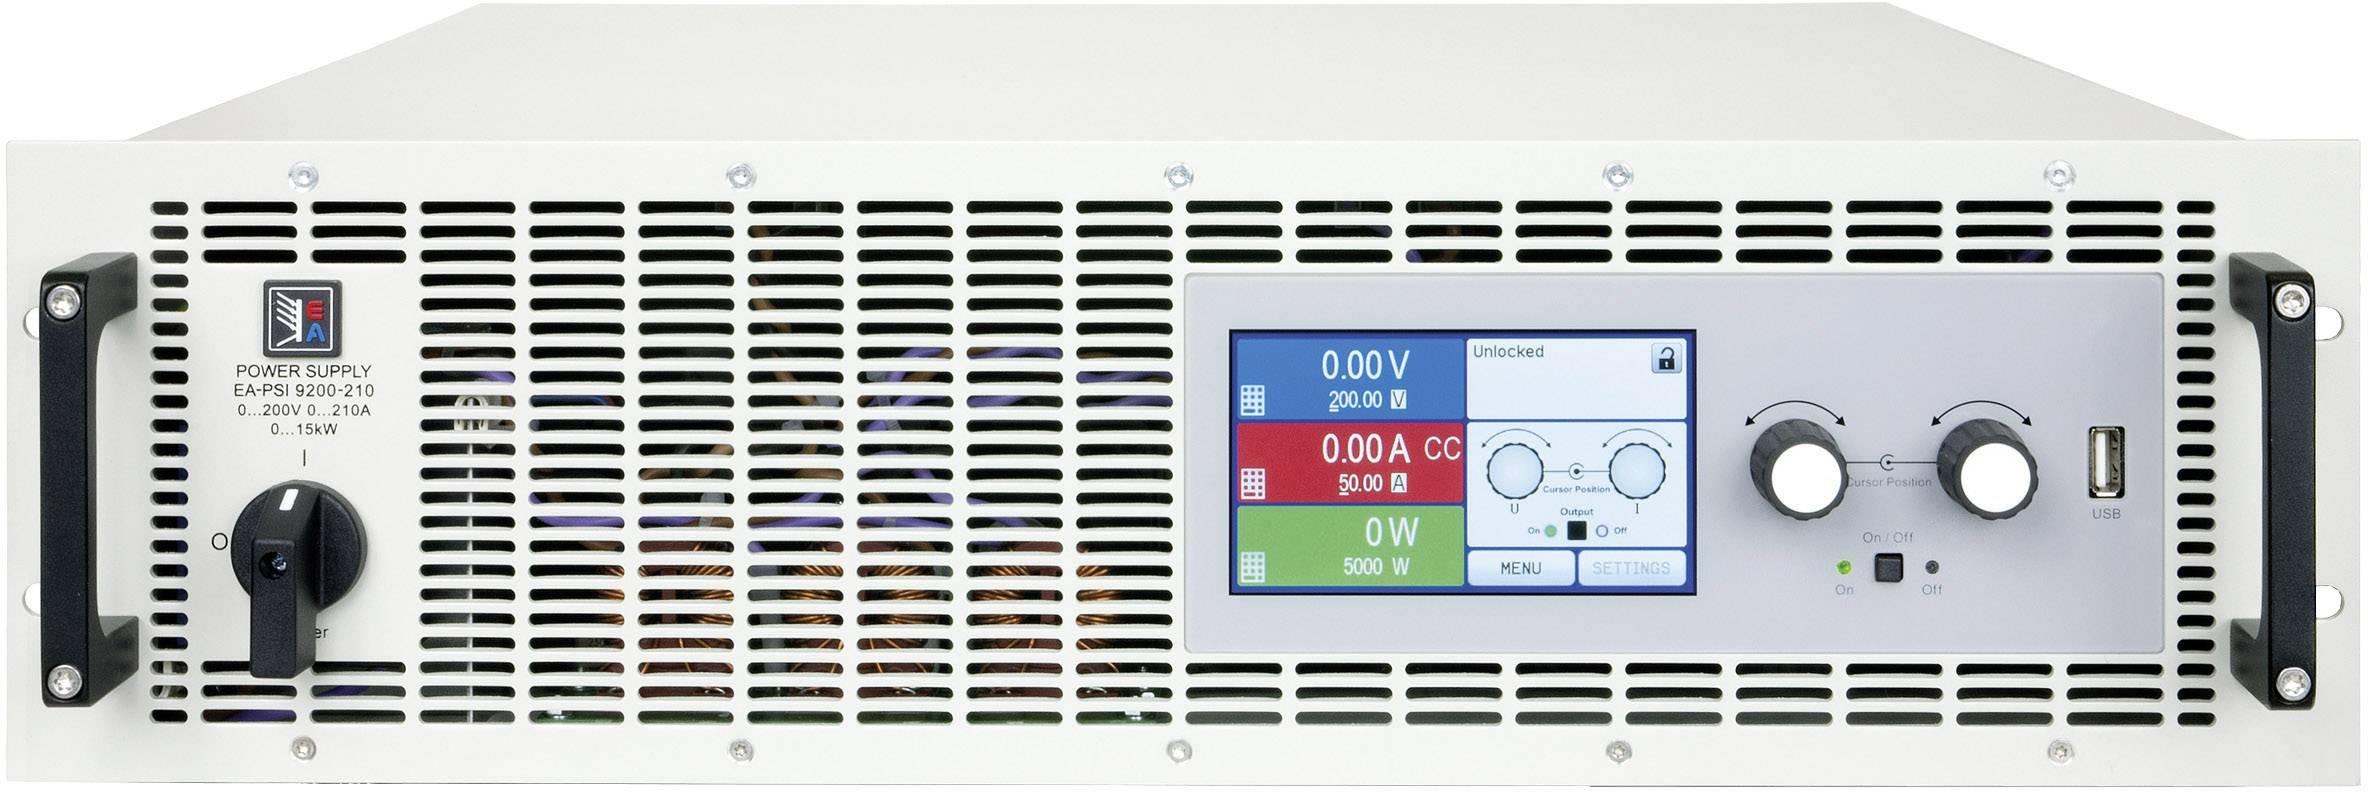 Programovateľný laboratórny zdroj EA EA-PSI 9360-120, 3U, 360 V, 120 A, 15000 W, USB